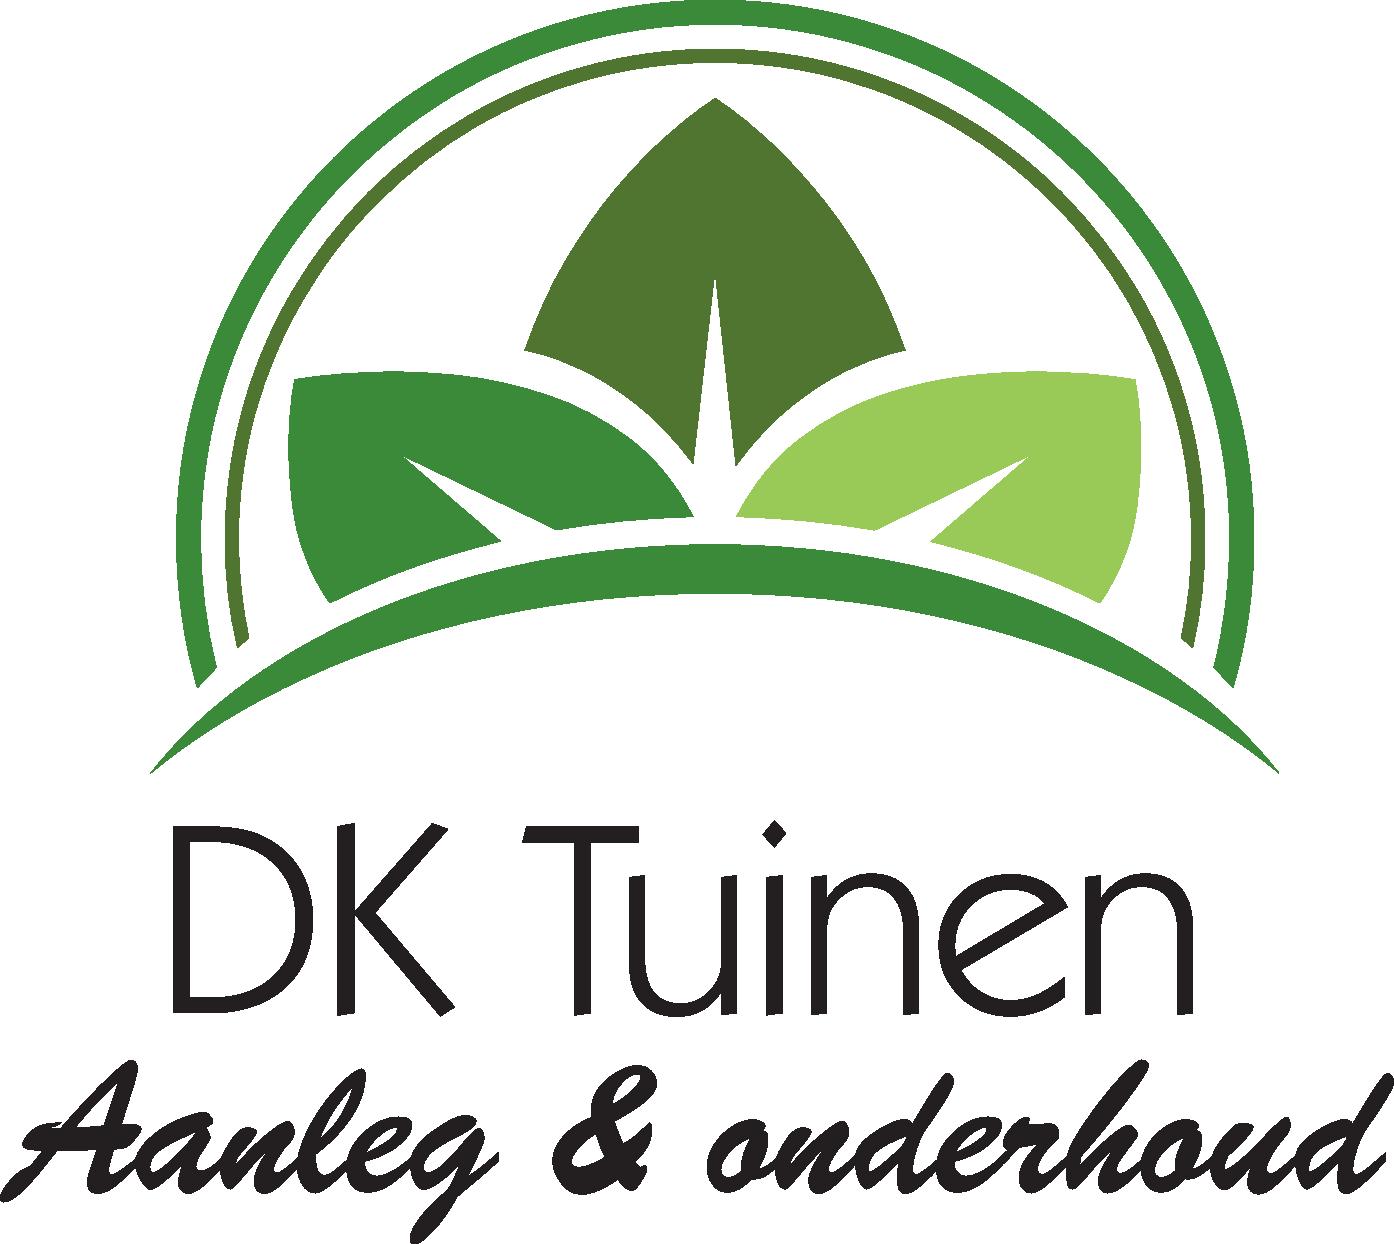 DK Tuinen